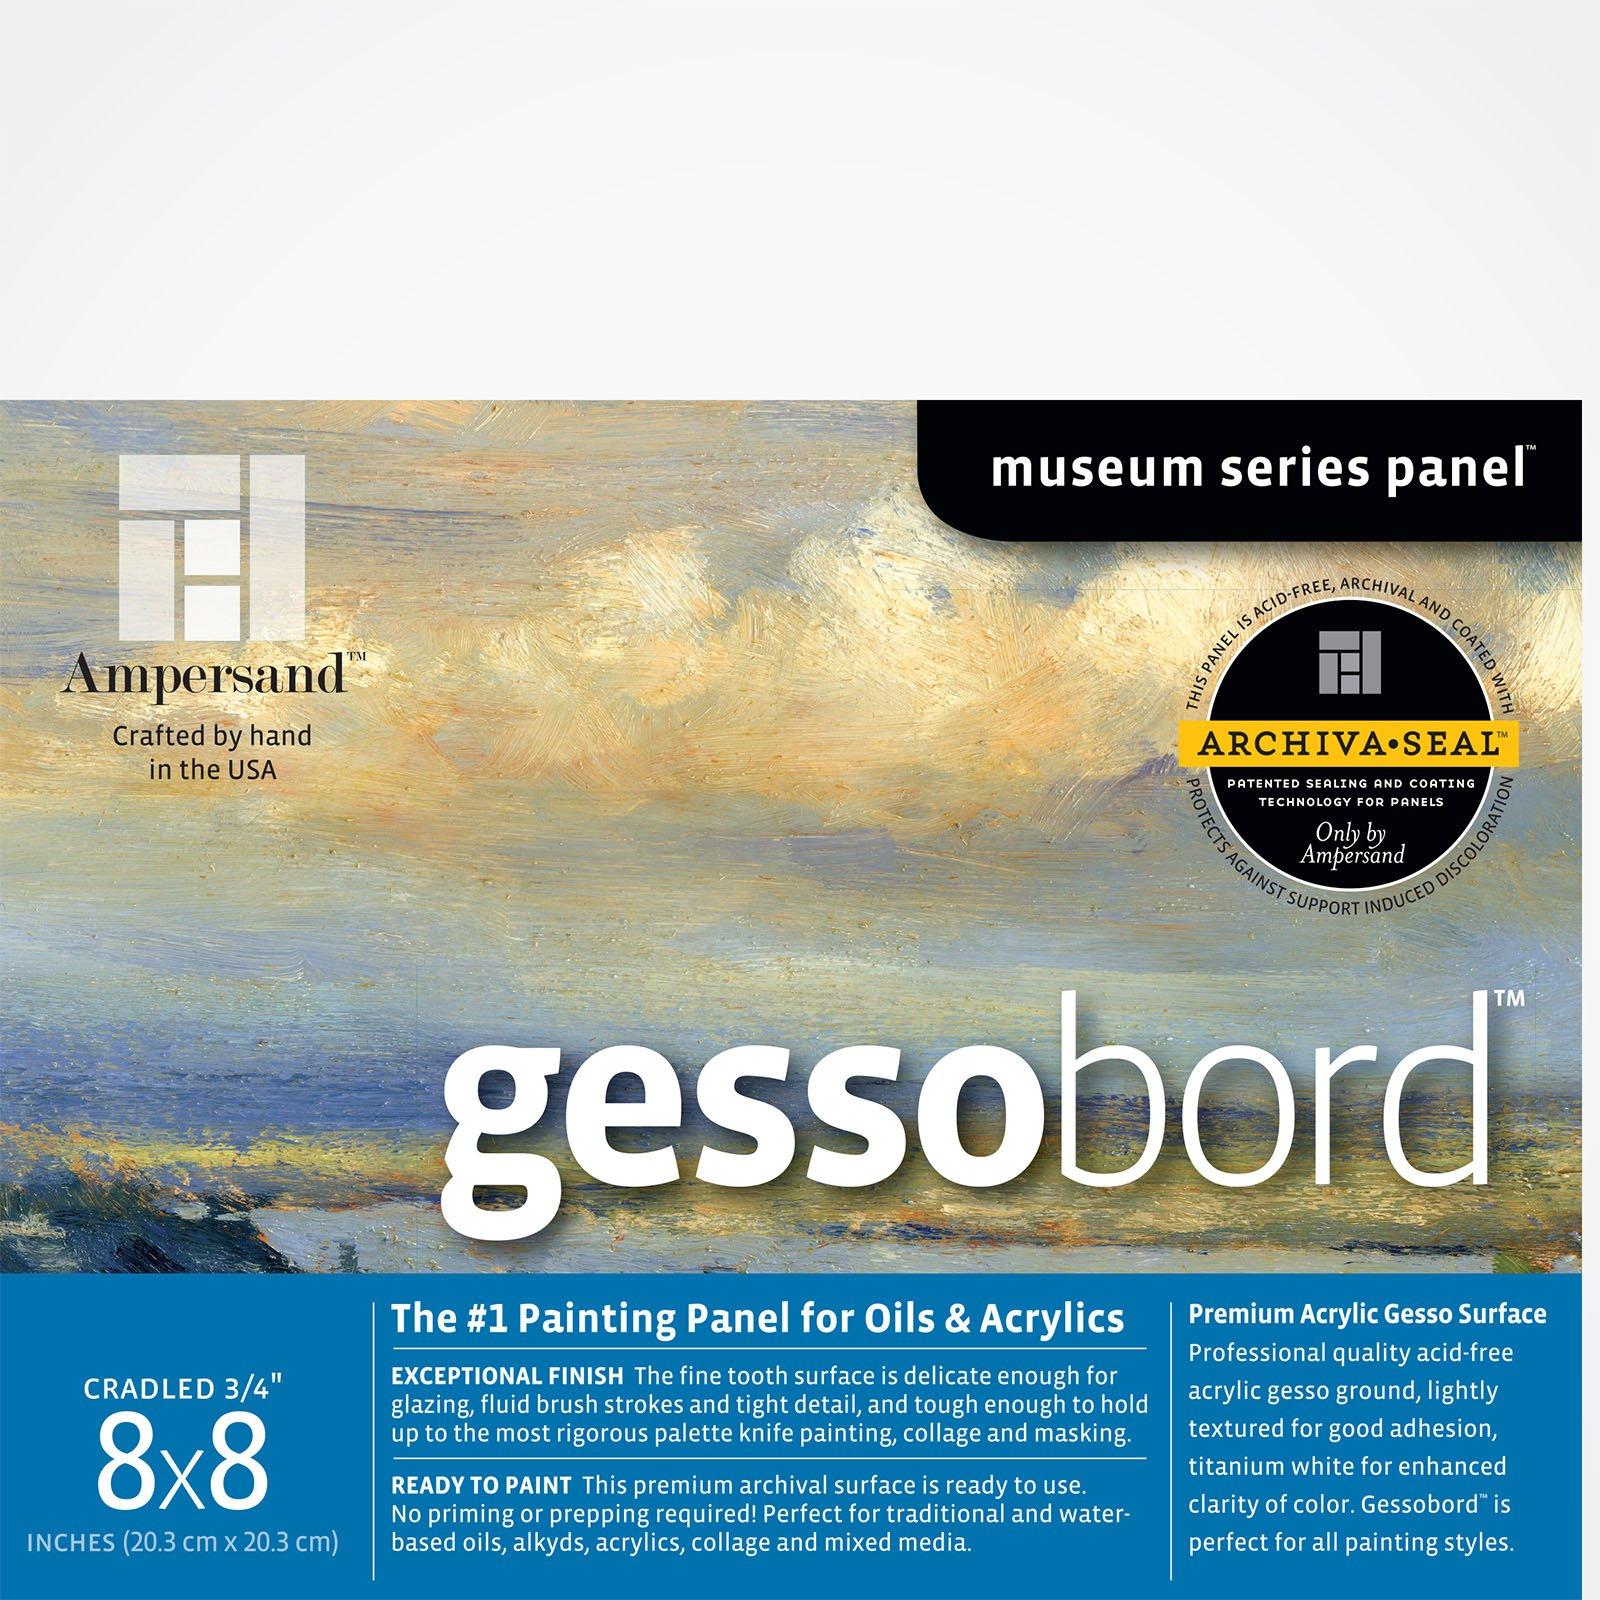 GESSOBORD 1.5IN CRADLED 8X8